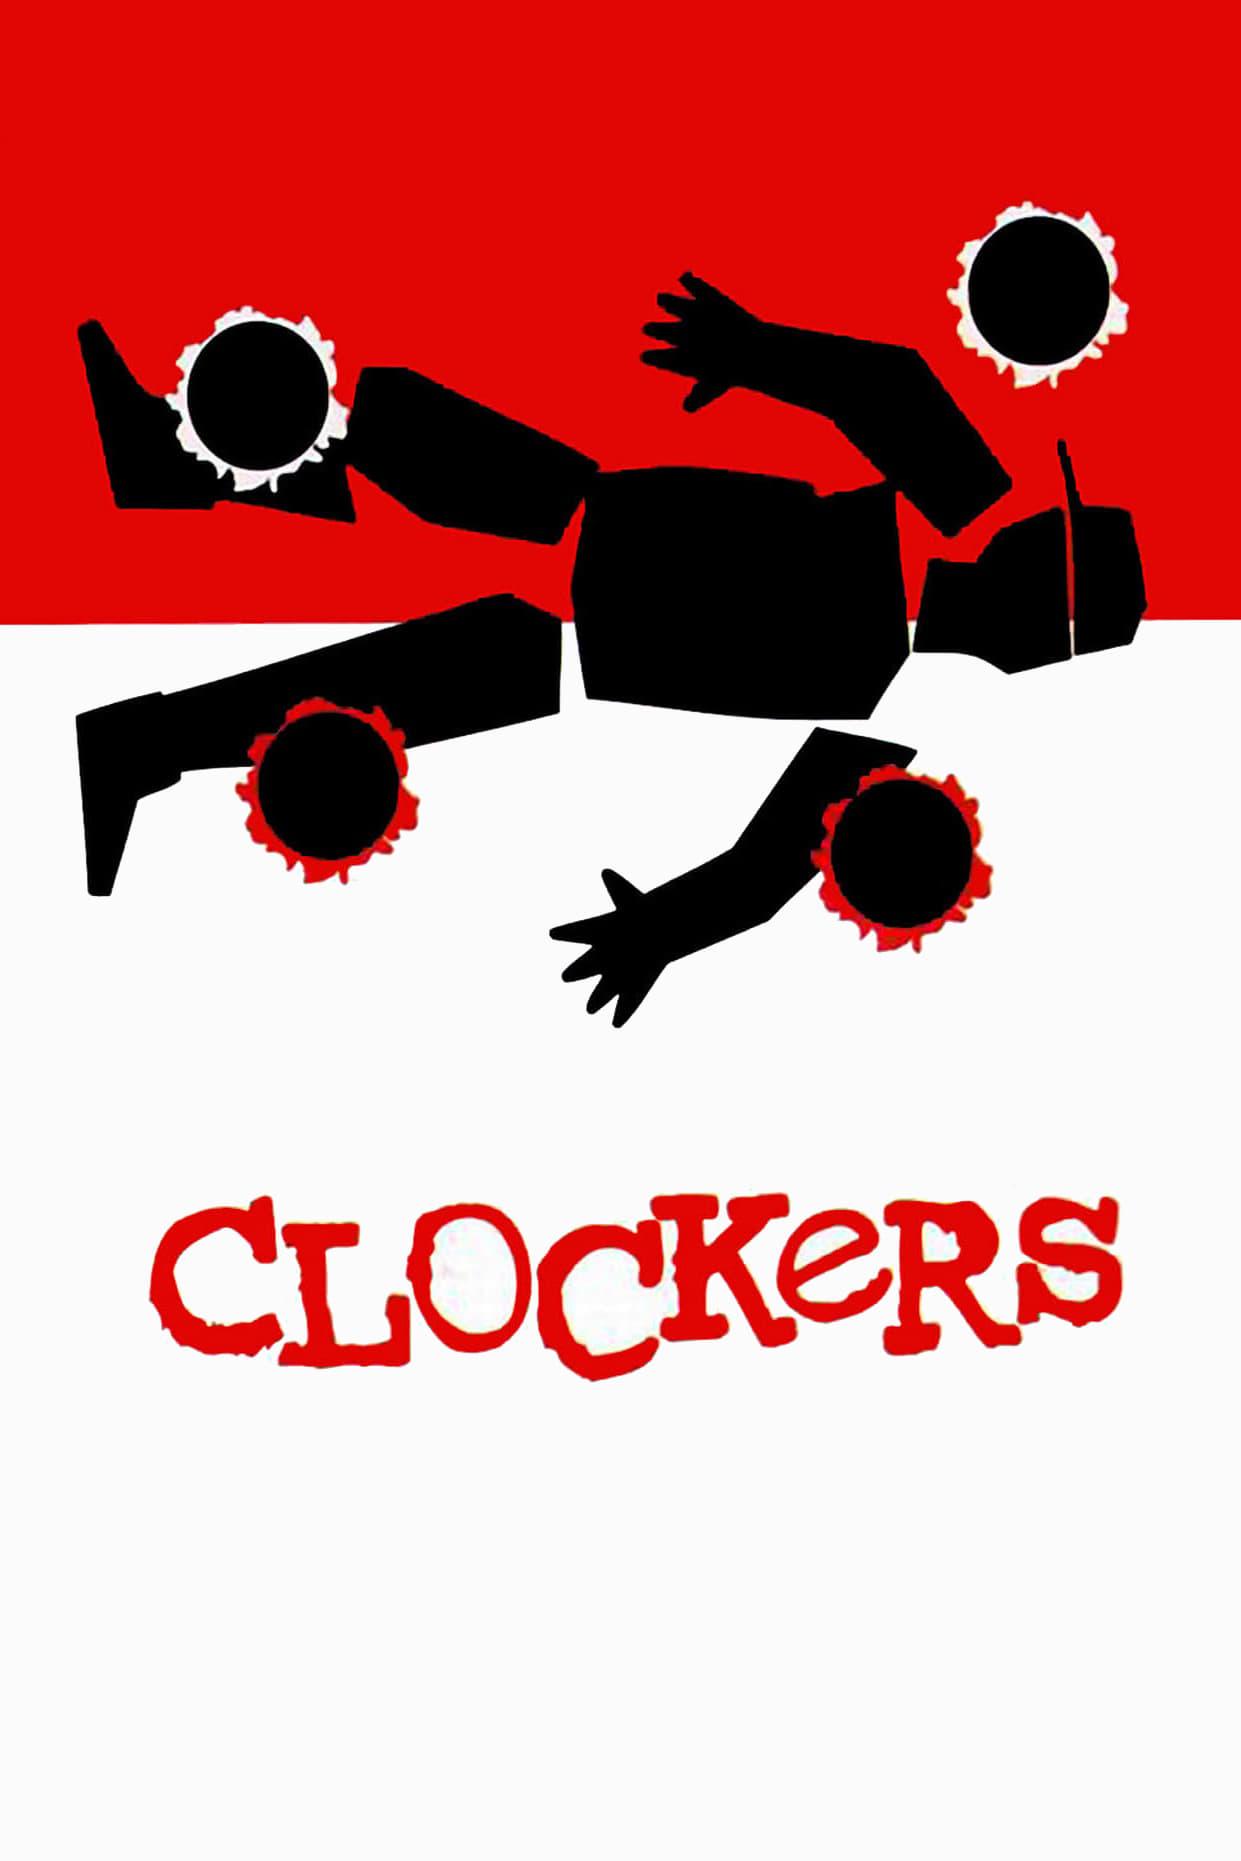 Clockers